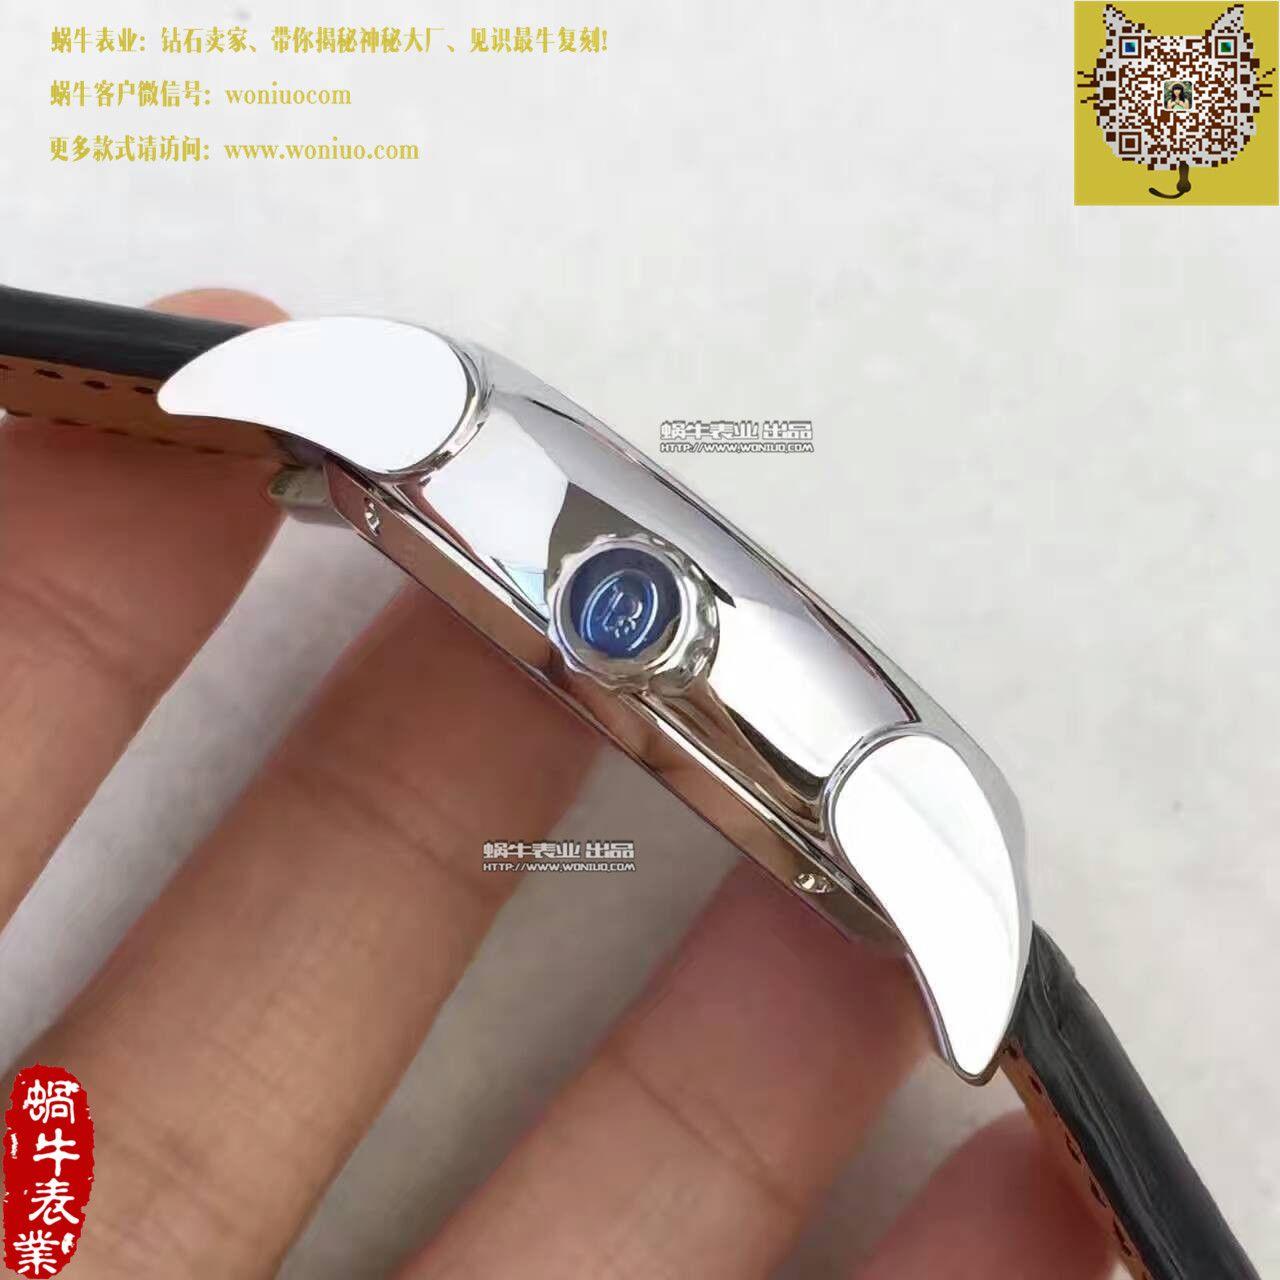 【BM厂一比一精仿手表】帕玛强尼TOURBILLON系列PF600696 陀飞轮腕表 / PM029